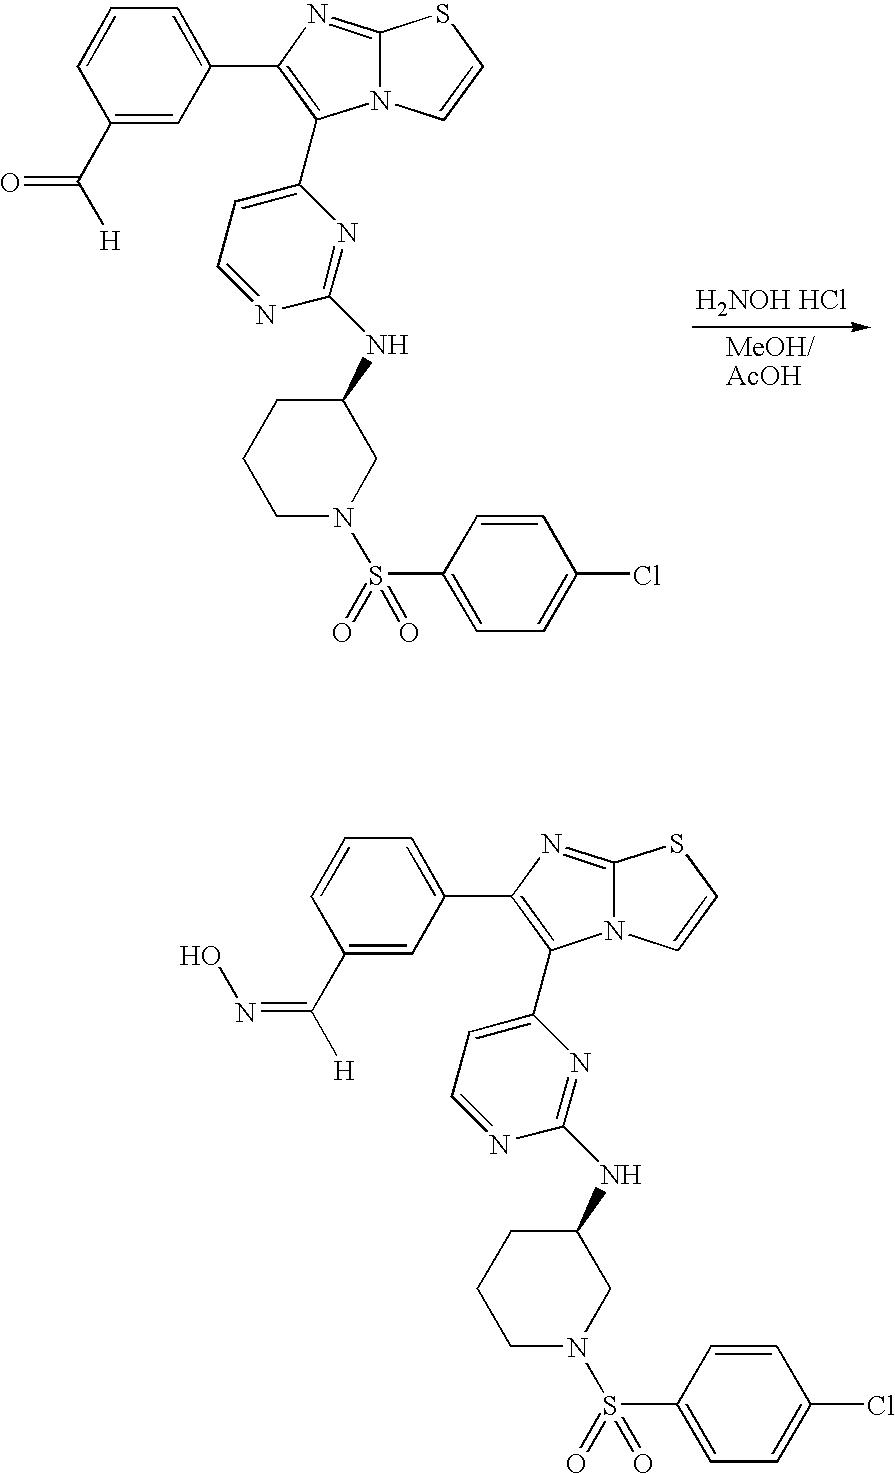 Figure US20090136499A1-20090528-C00060